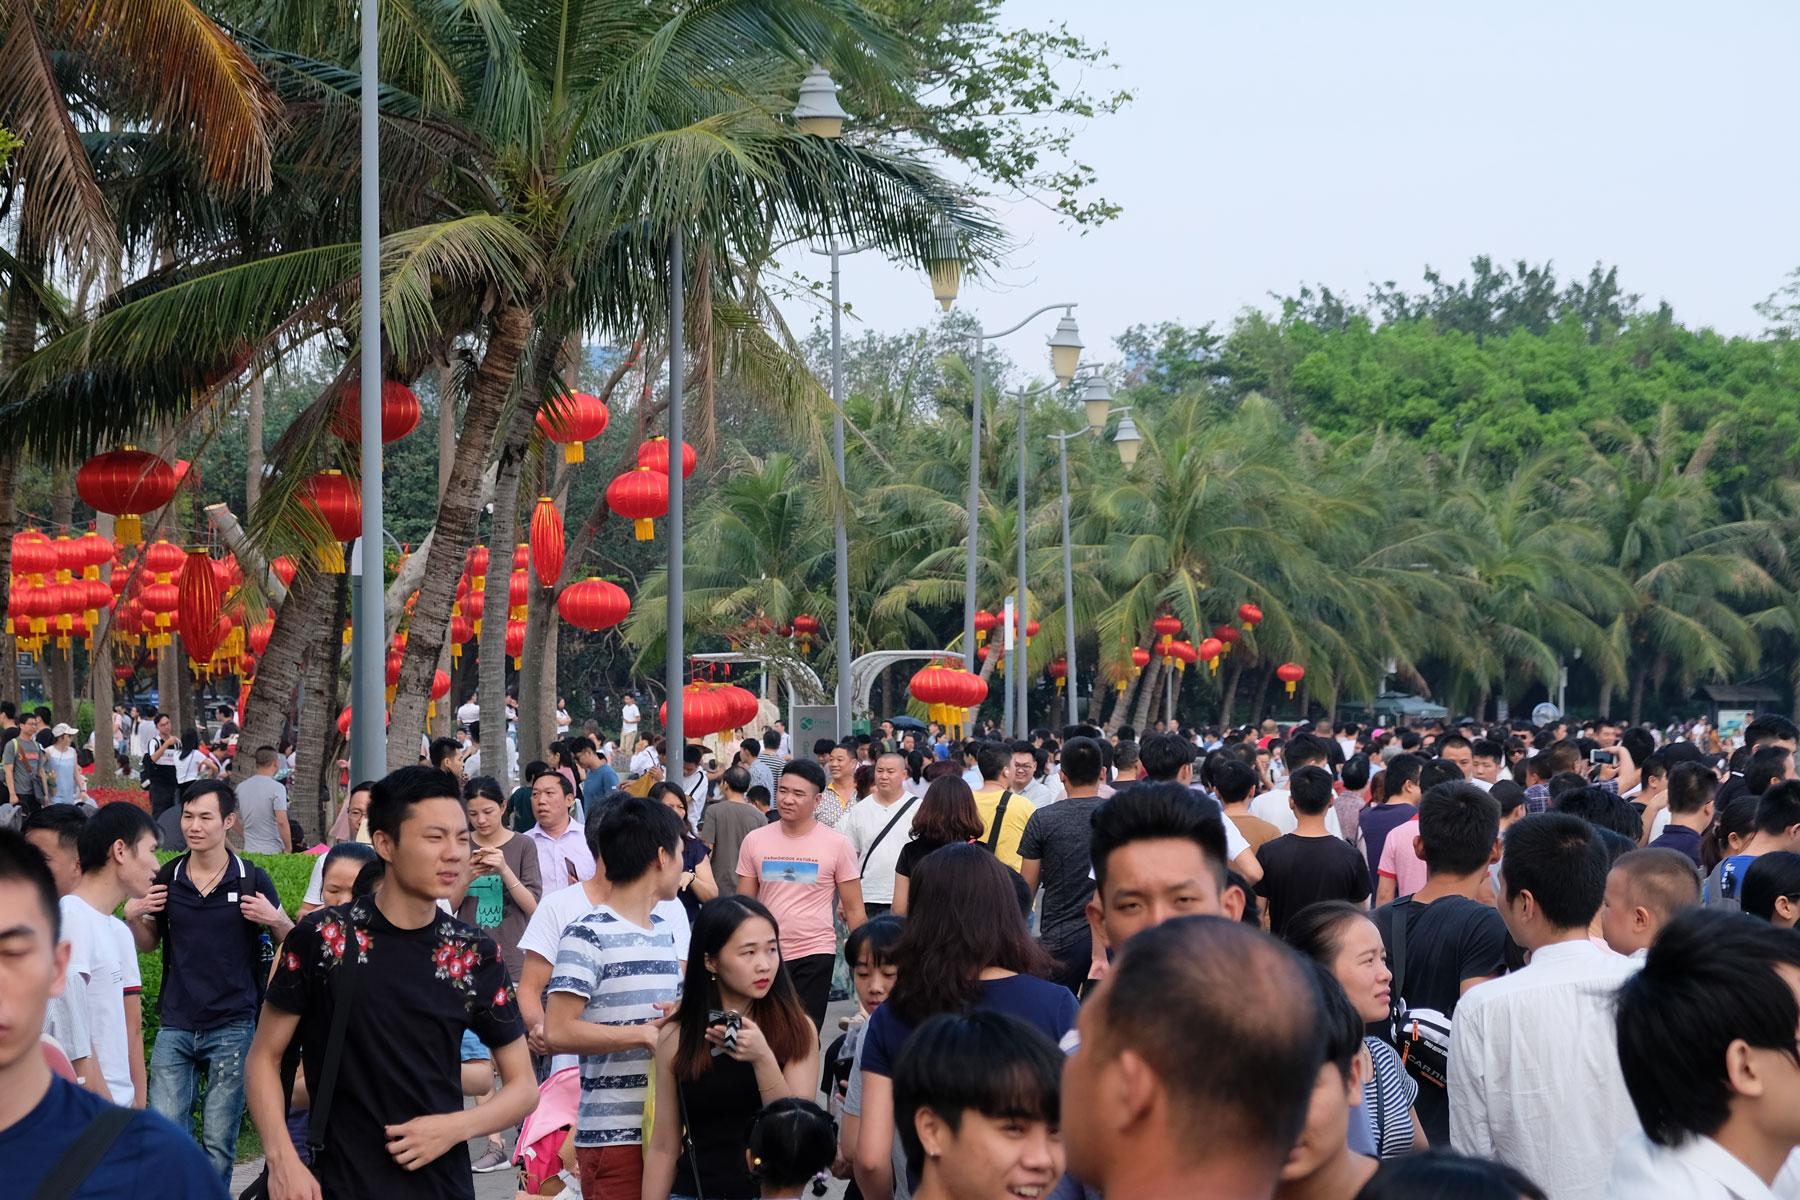 Hunderte Menschen nutzen den chinesischen Nationalfeiertag für einen Ausflug.